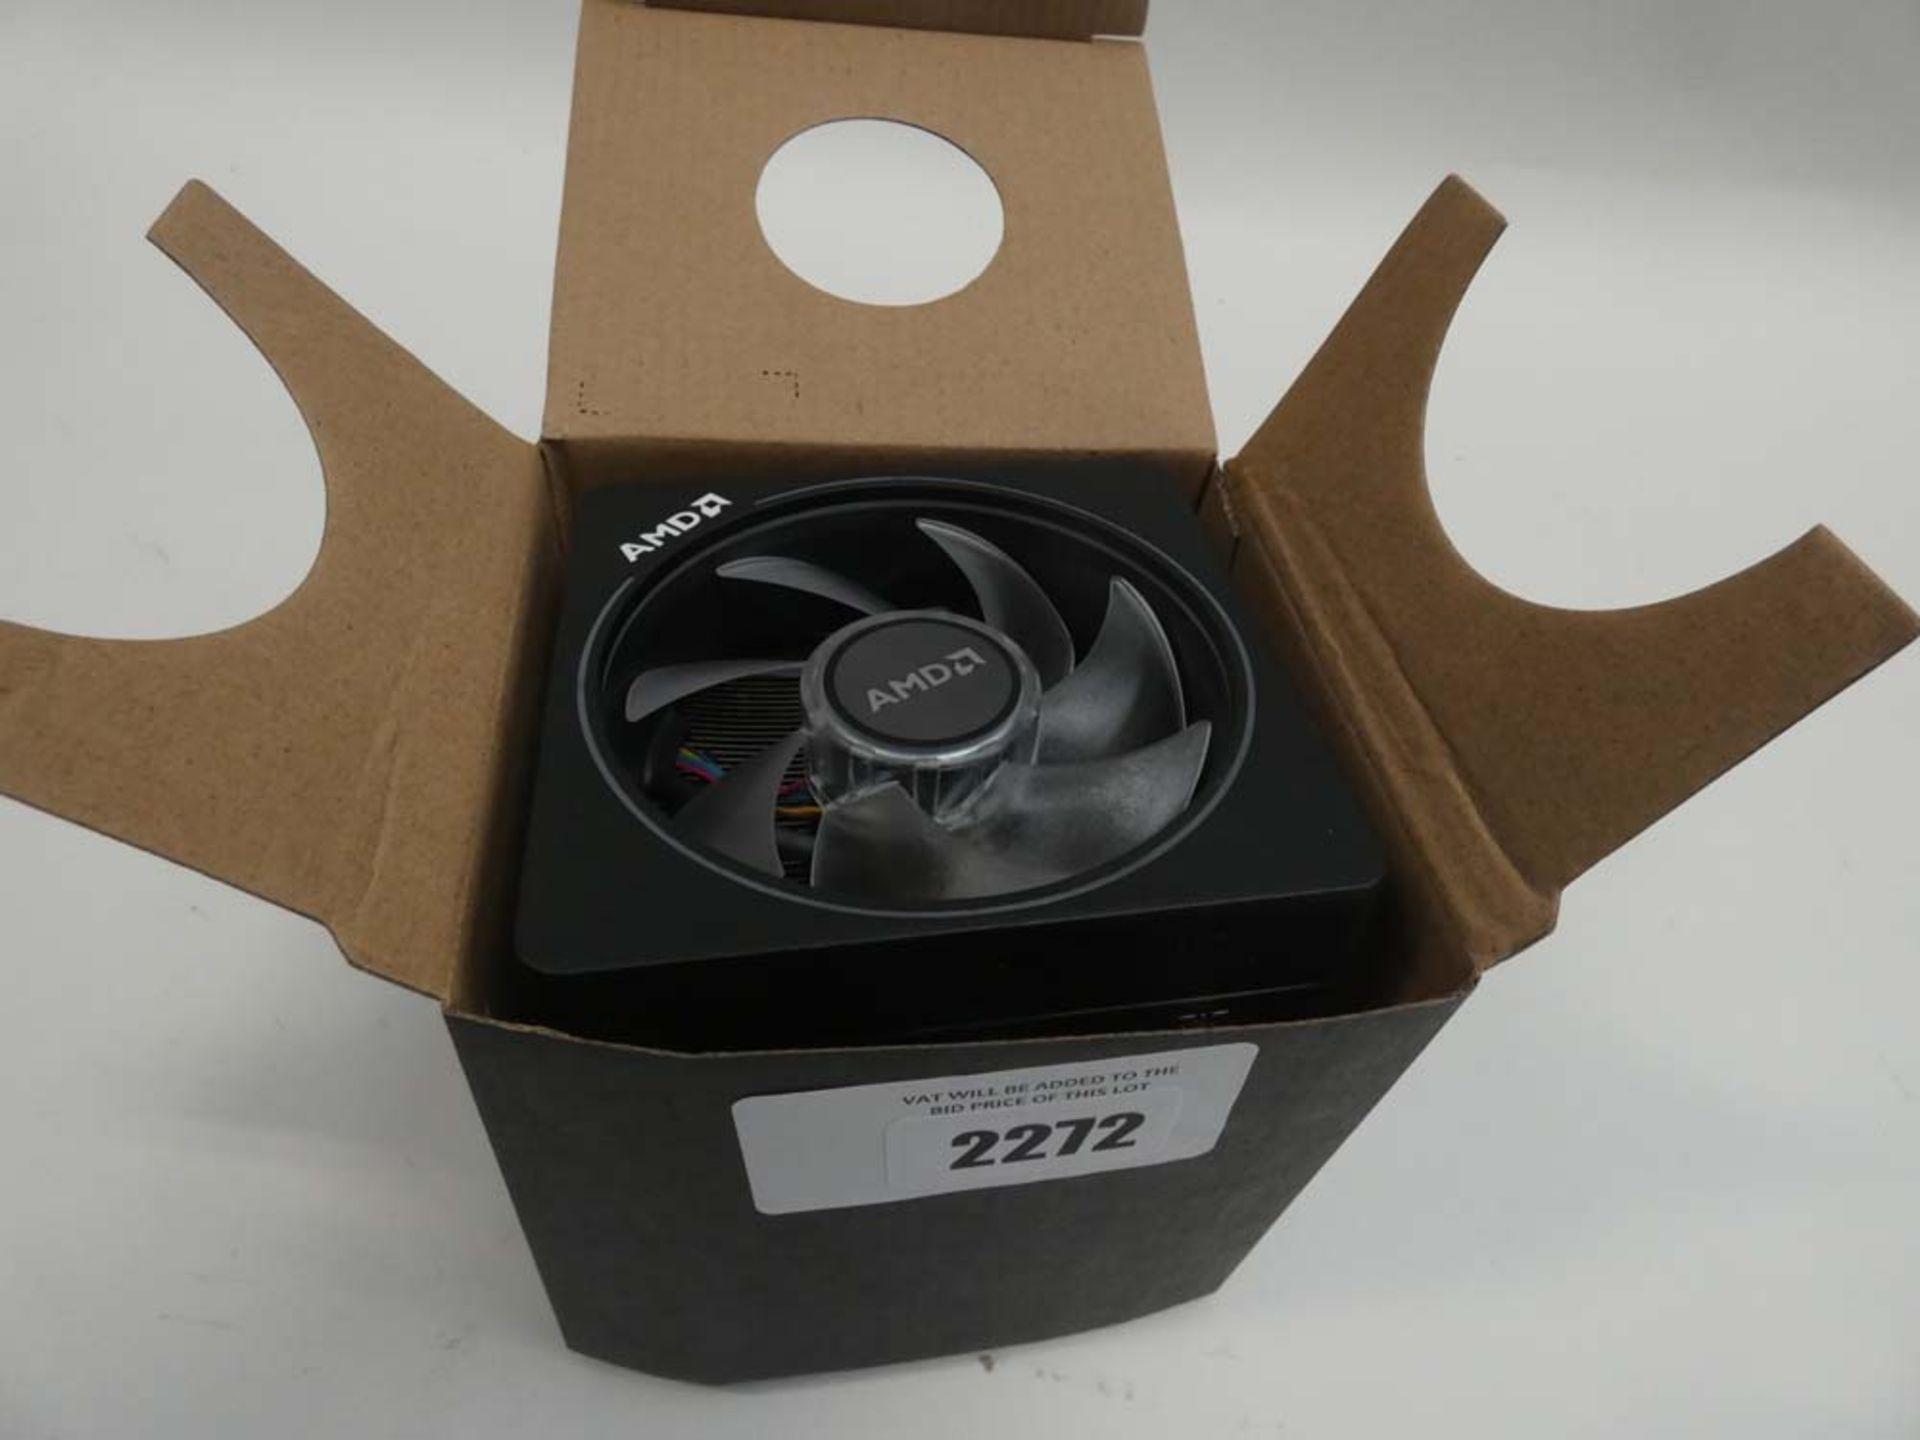 Lot 2272 - AMD processor fan